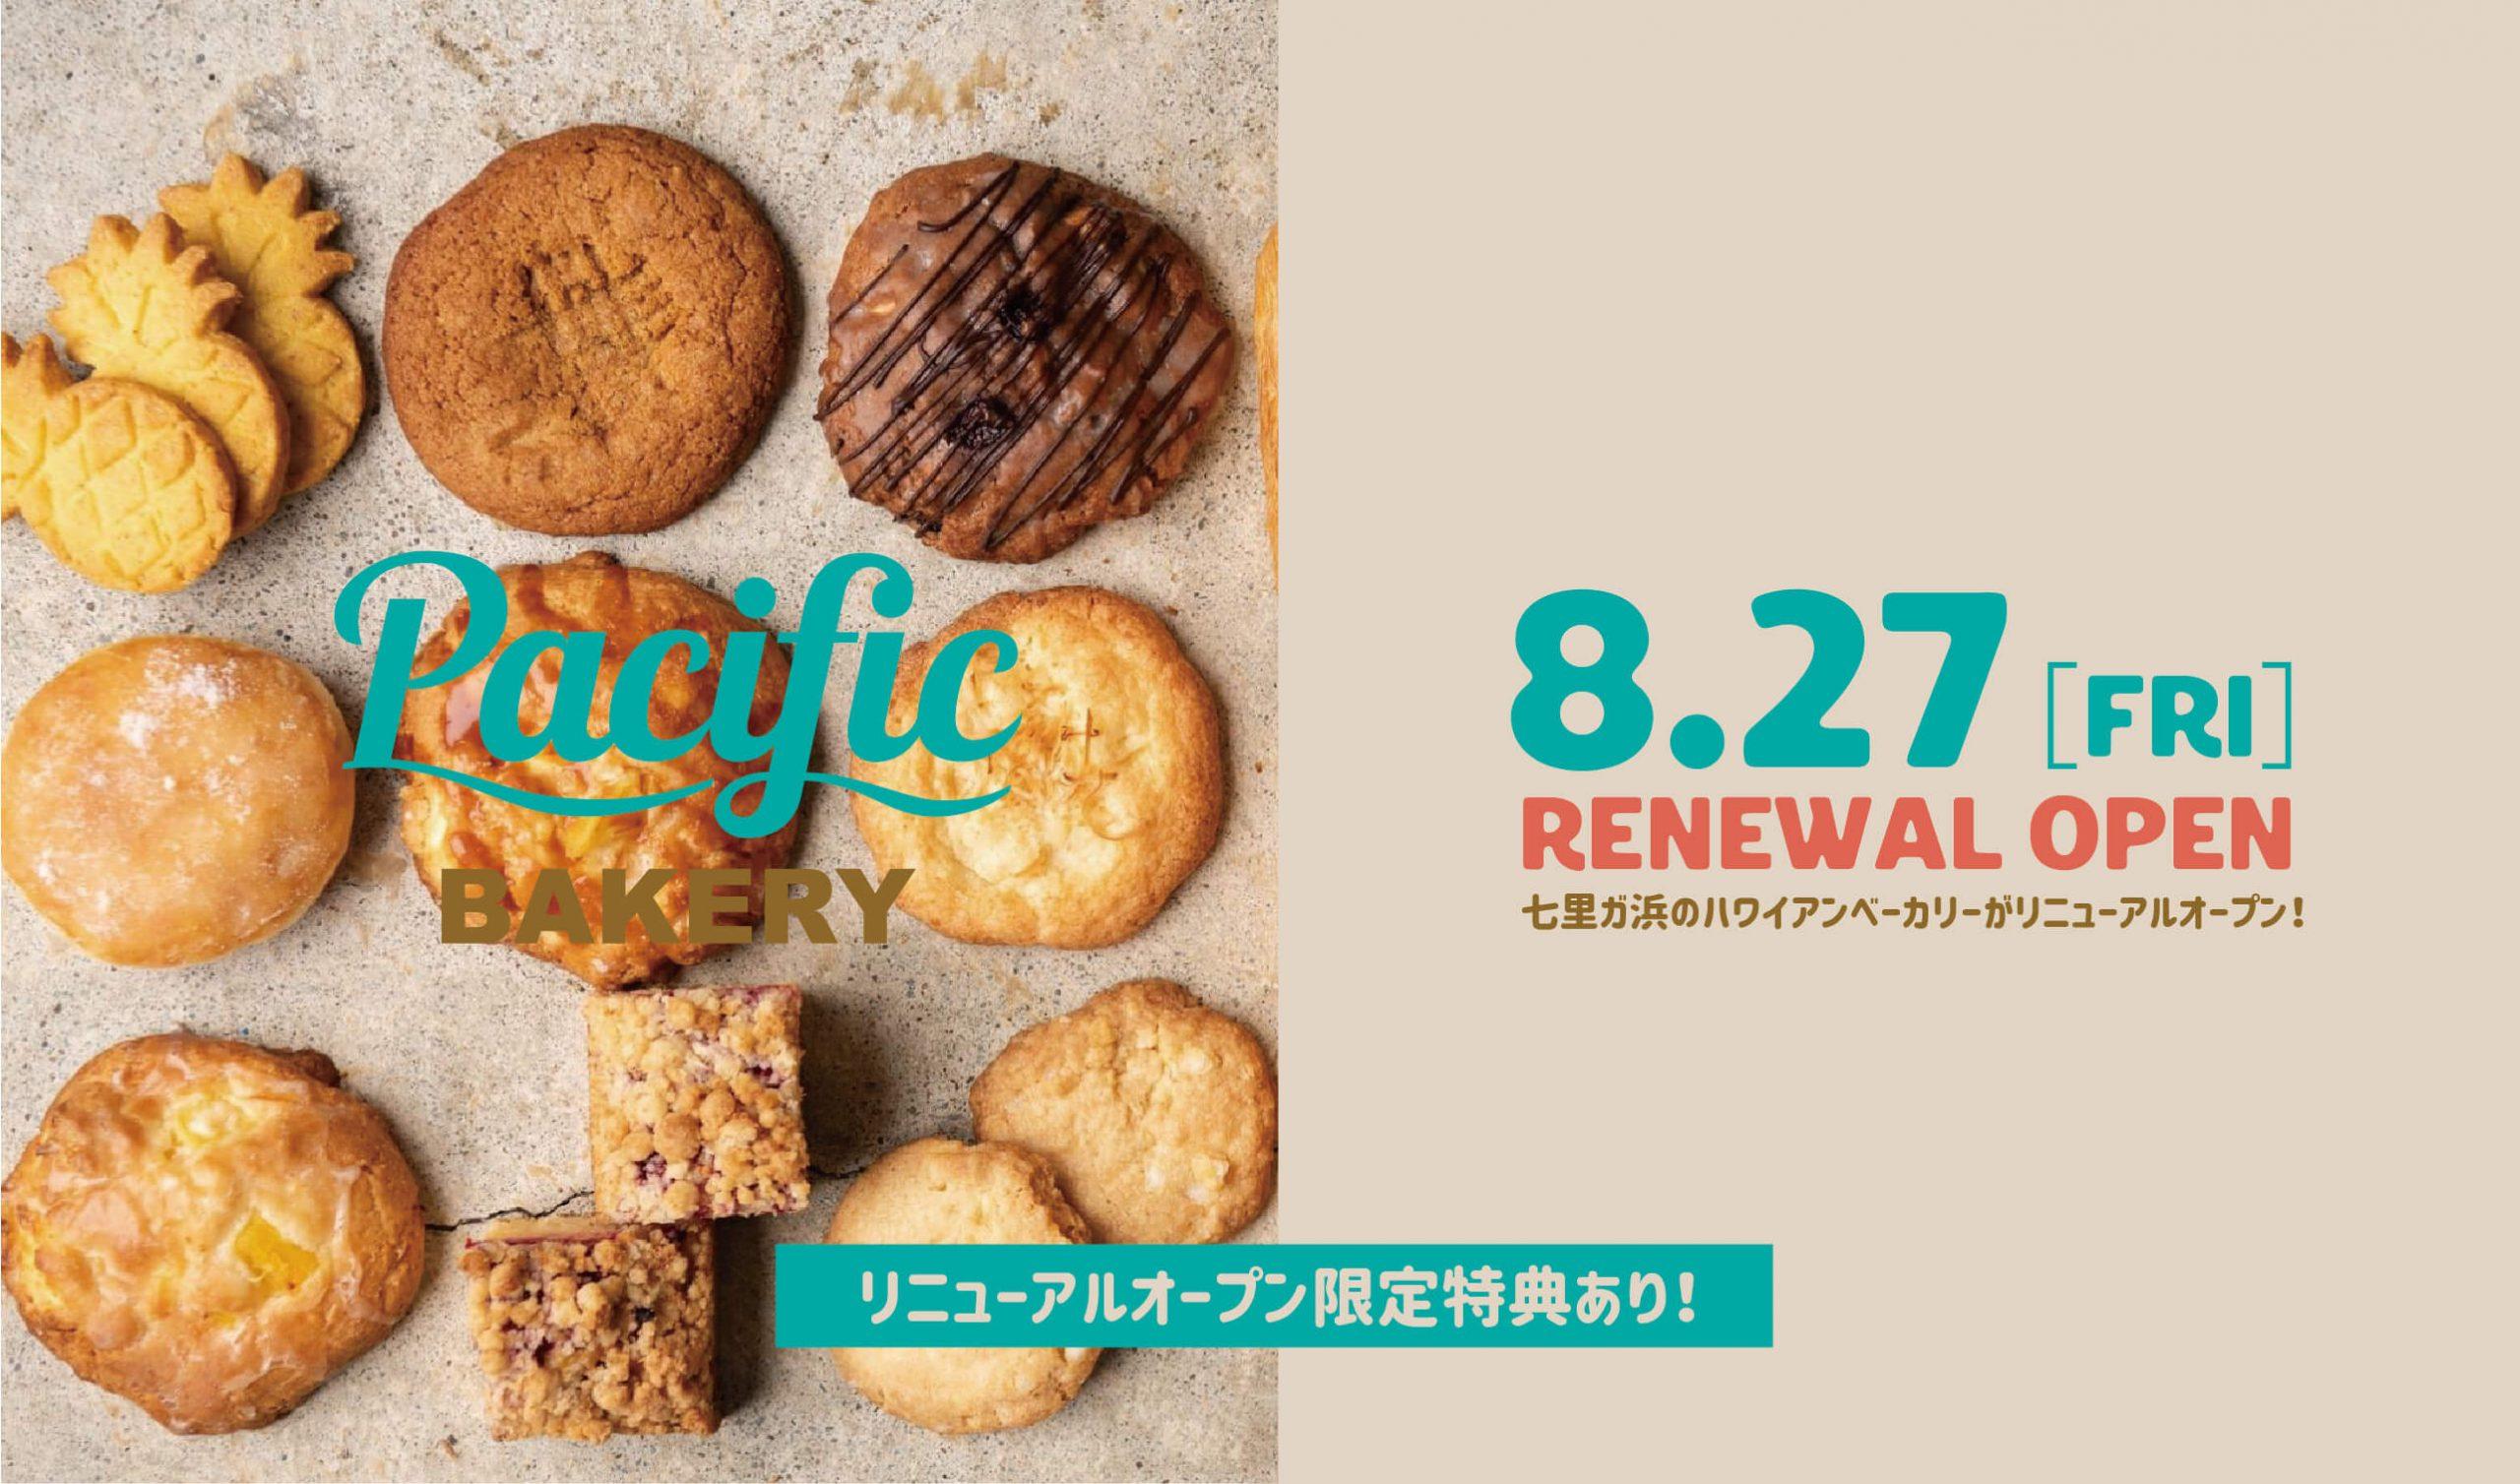 【広告限定特典あり】鎌倉・七里ガ浜のハワイアンベーカリー「Pacific BAKERY」リニューアルオープン!